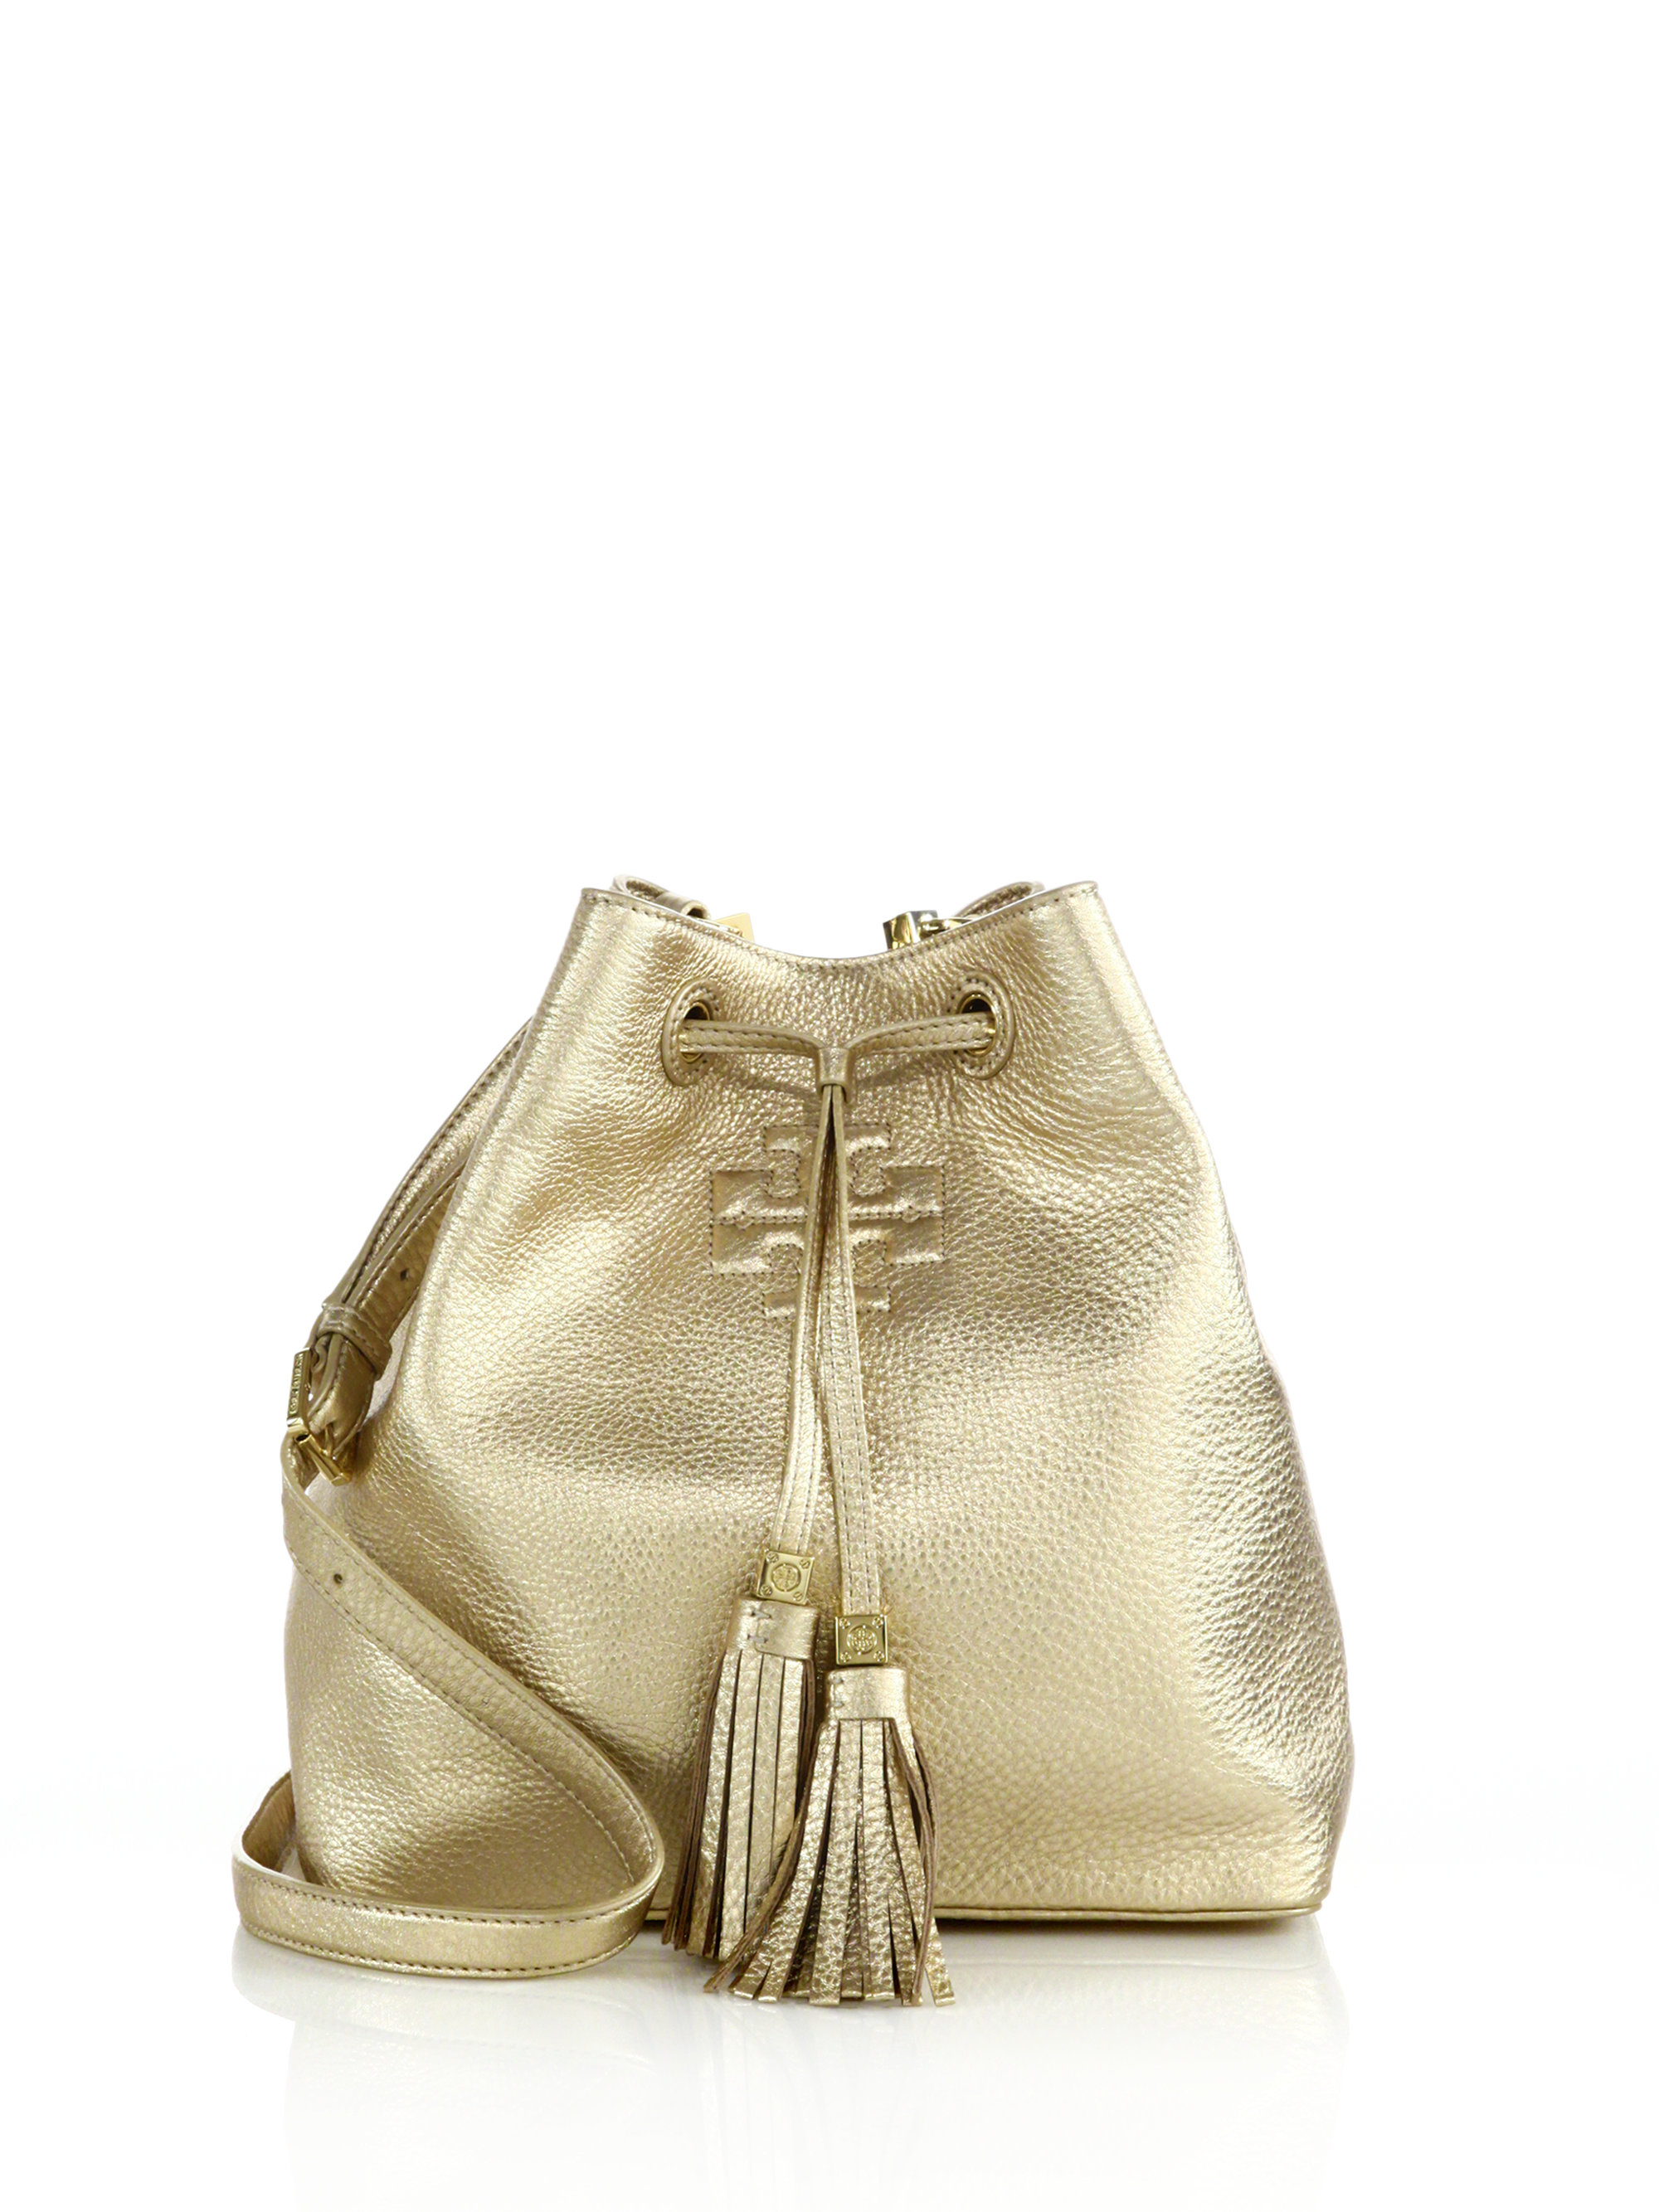 f75f1e85e715 ... cheap lyst tory burch thea metallic leather bucket bag in metallic  f808f 89976